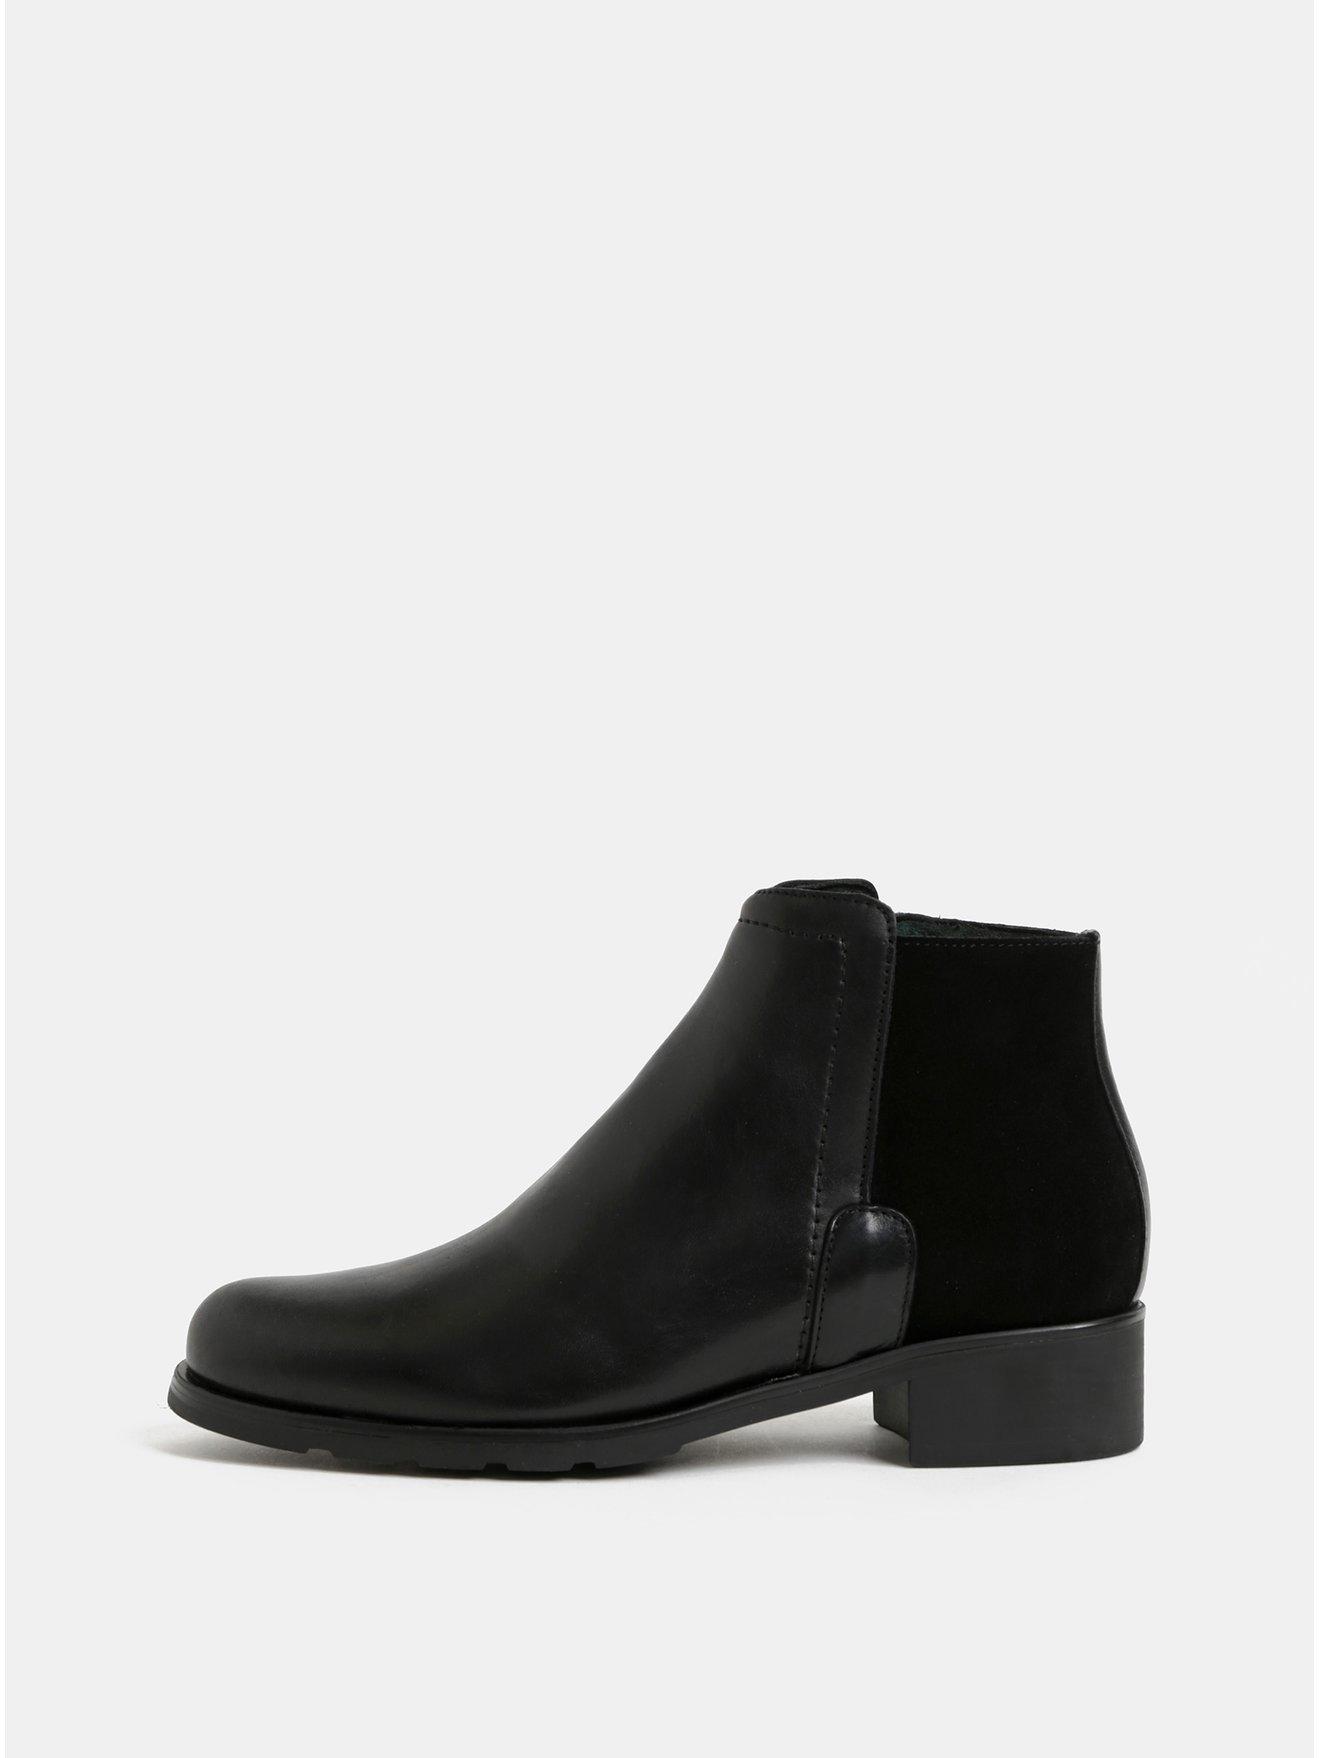 c66c6c2d093 Černé kožené kotníkové boty se semišovým detailem OJJU